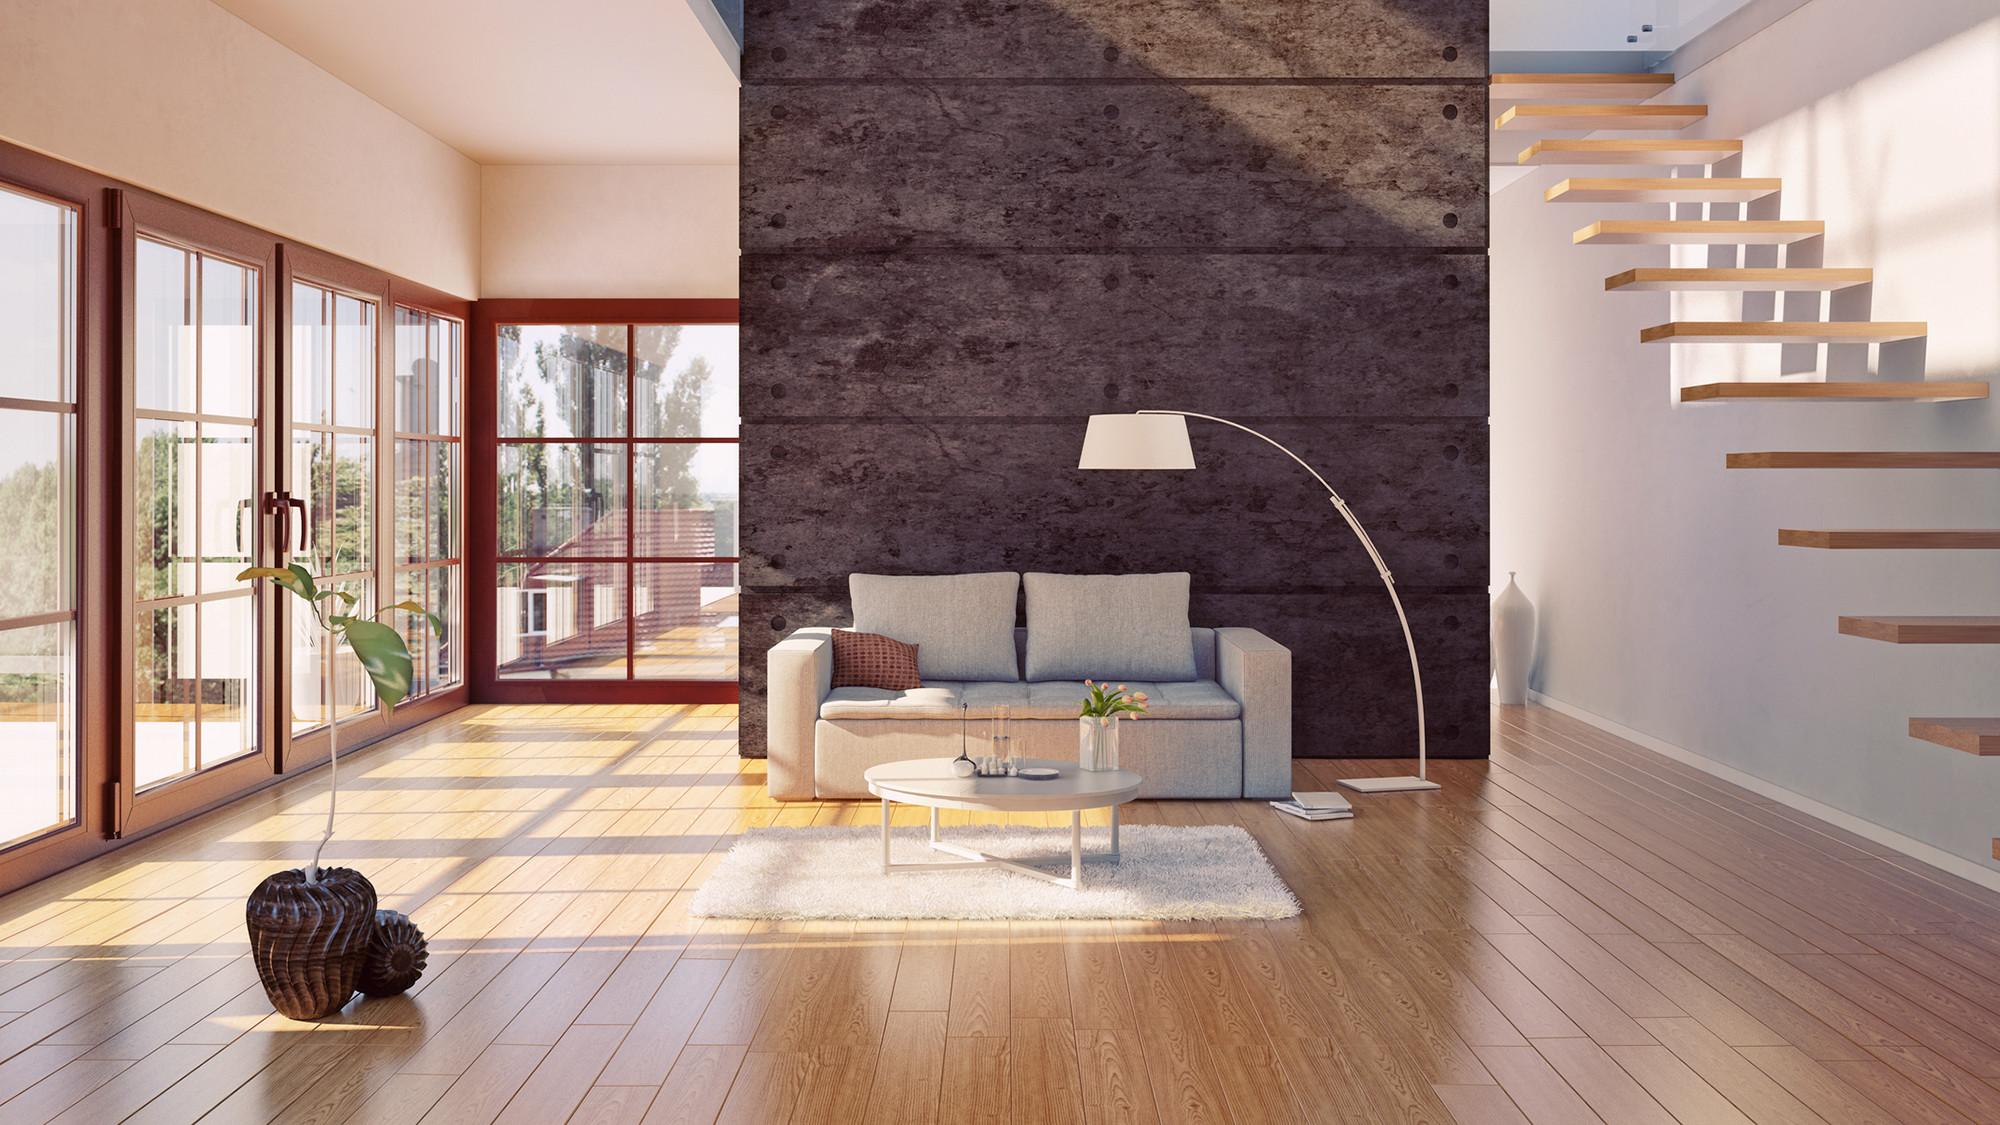 re sanding hardwood floors of do hardwood floors provide the best return on investment realtor coma pertaining to hardwood floors investment